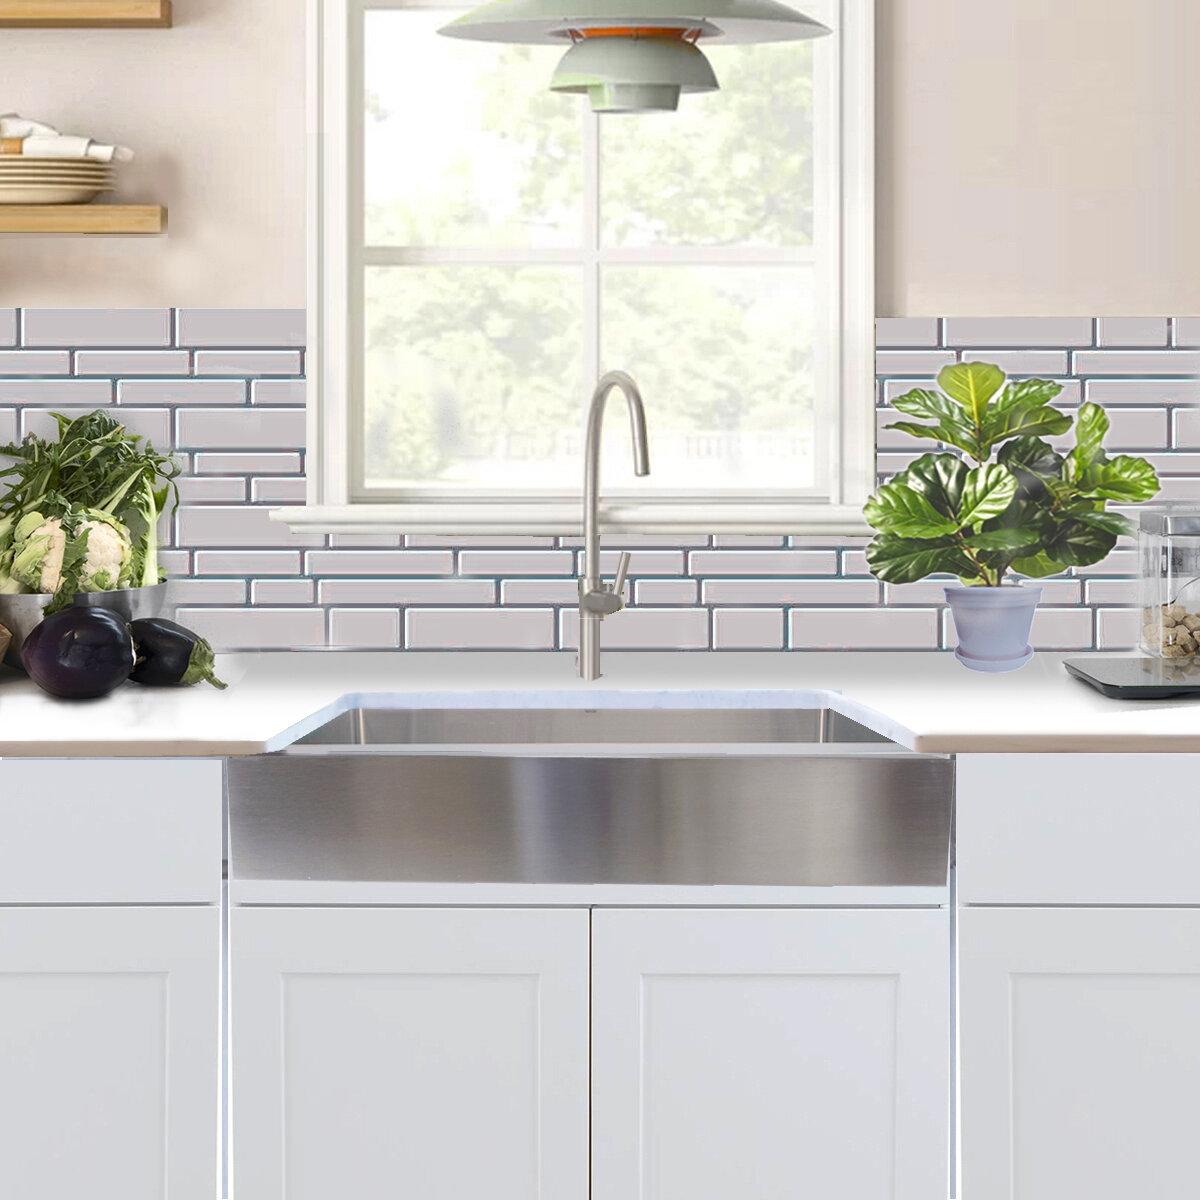 Nantucket Sinks Pro Series Retro Fit 32 5 L X 21 25 W Farmhouse Apron Kitchen Sink Reviews Wayfair